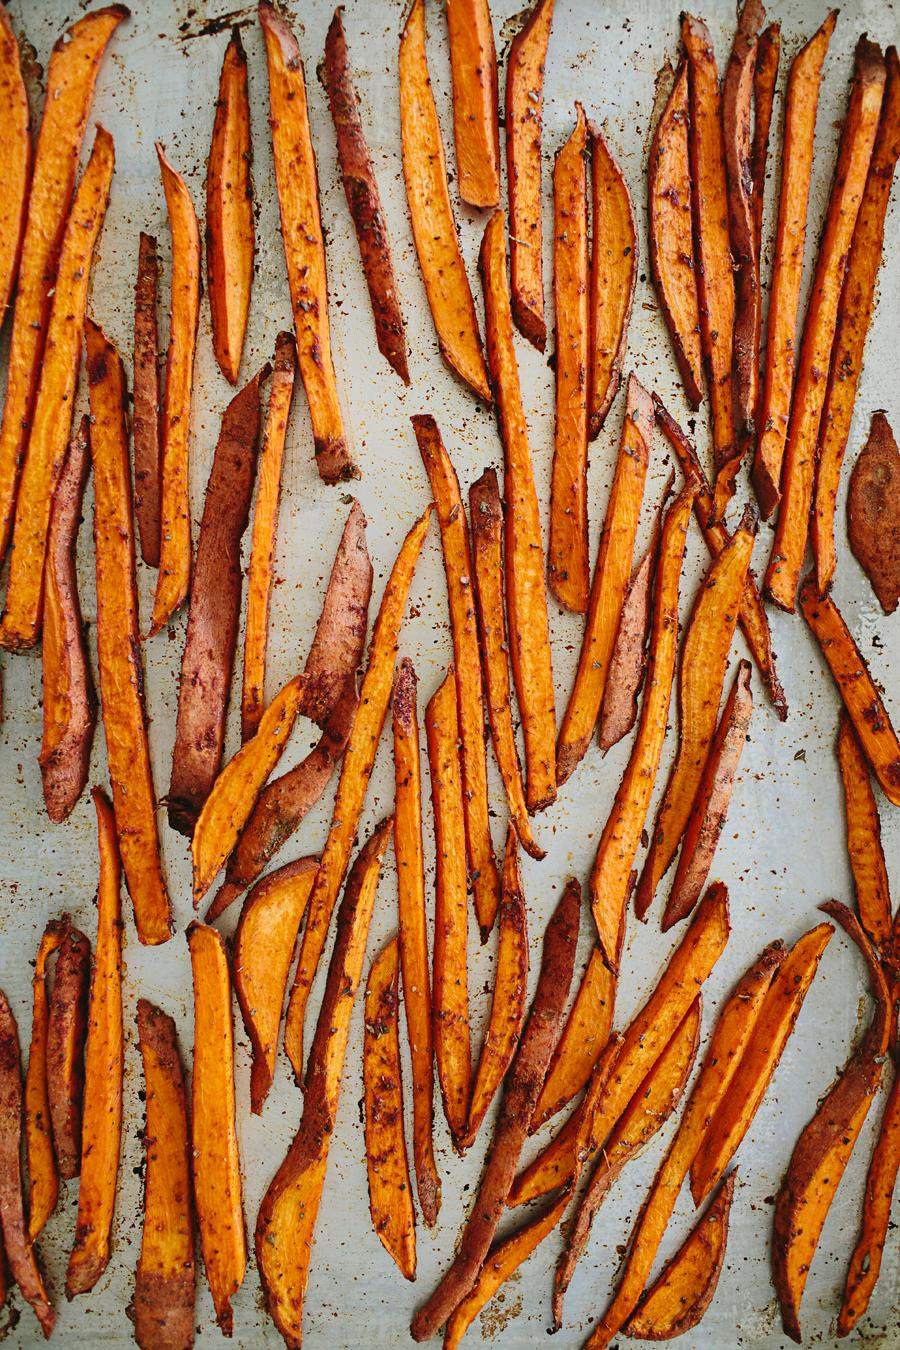 brookecourtney_sweetpotatofries_ovenbaked_frysauce-15.jpg